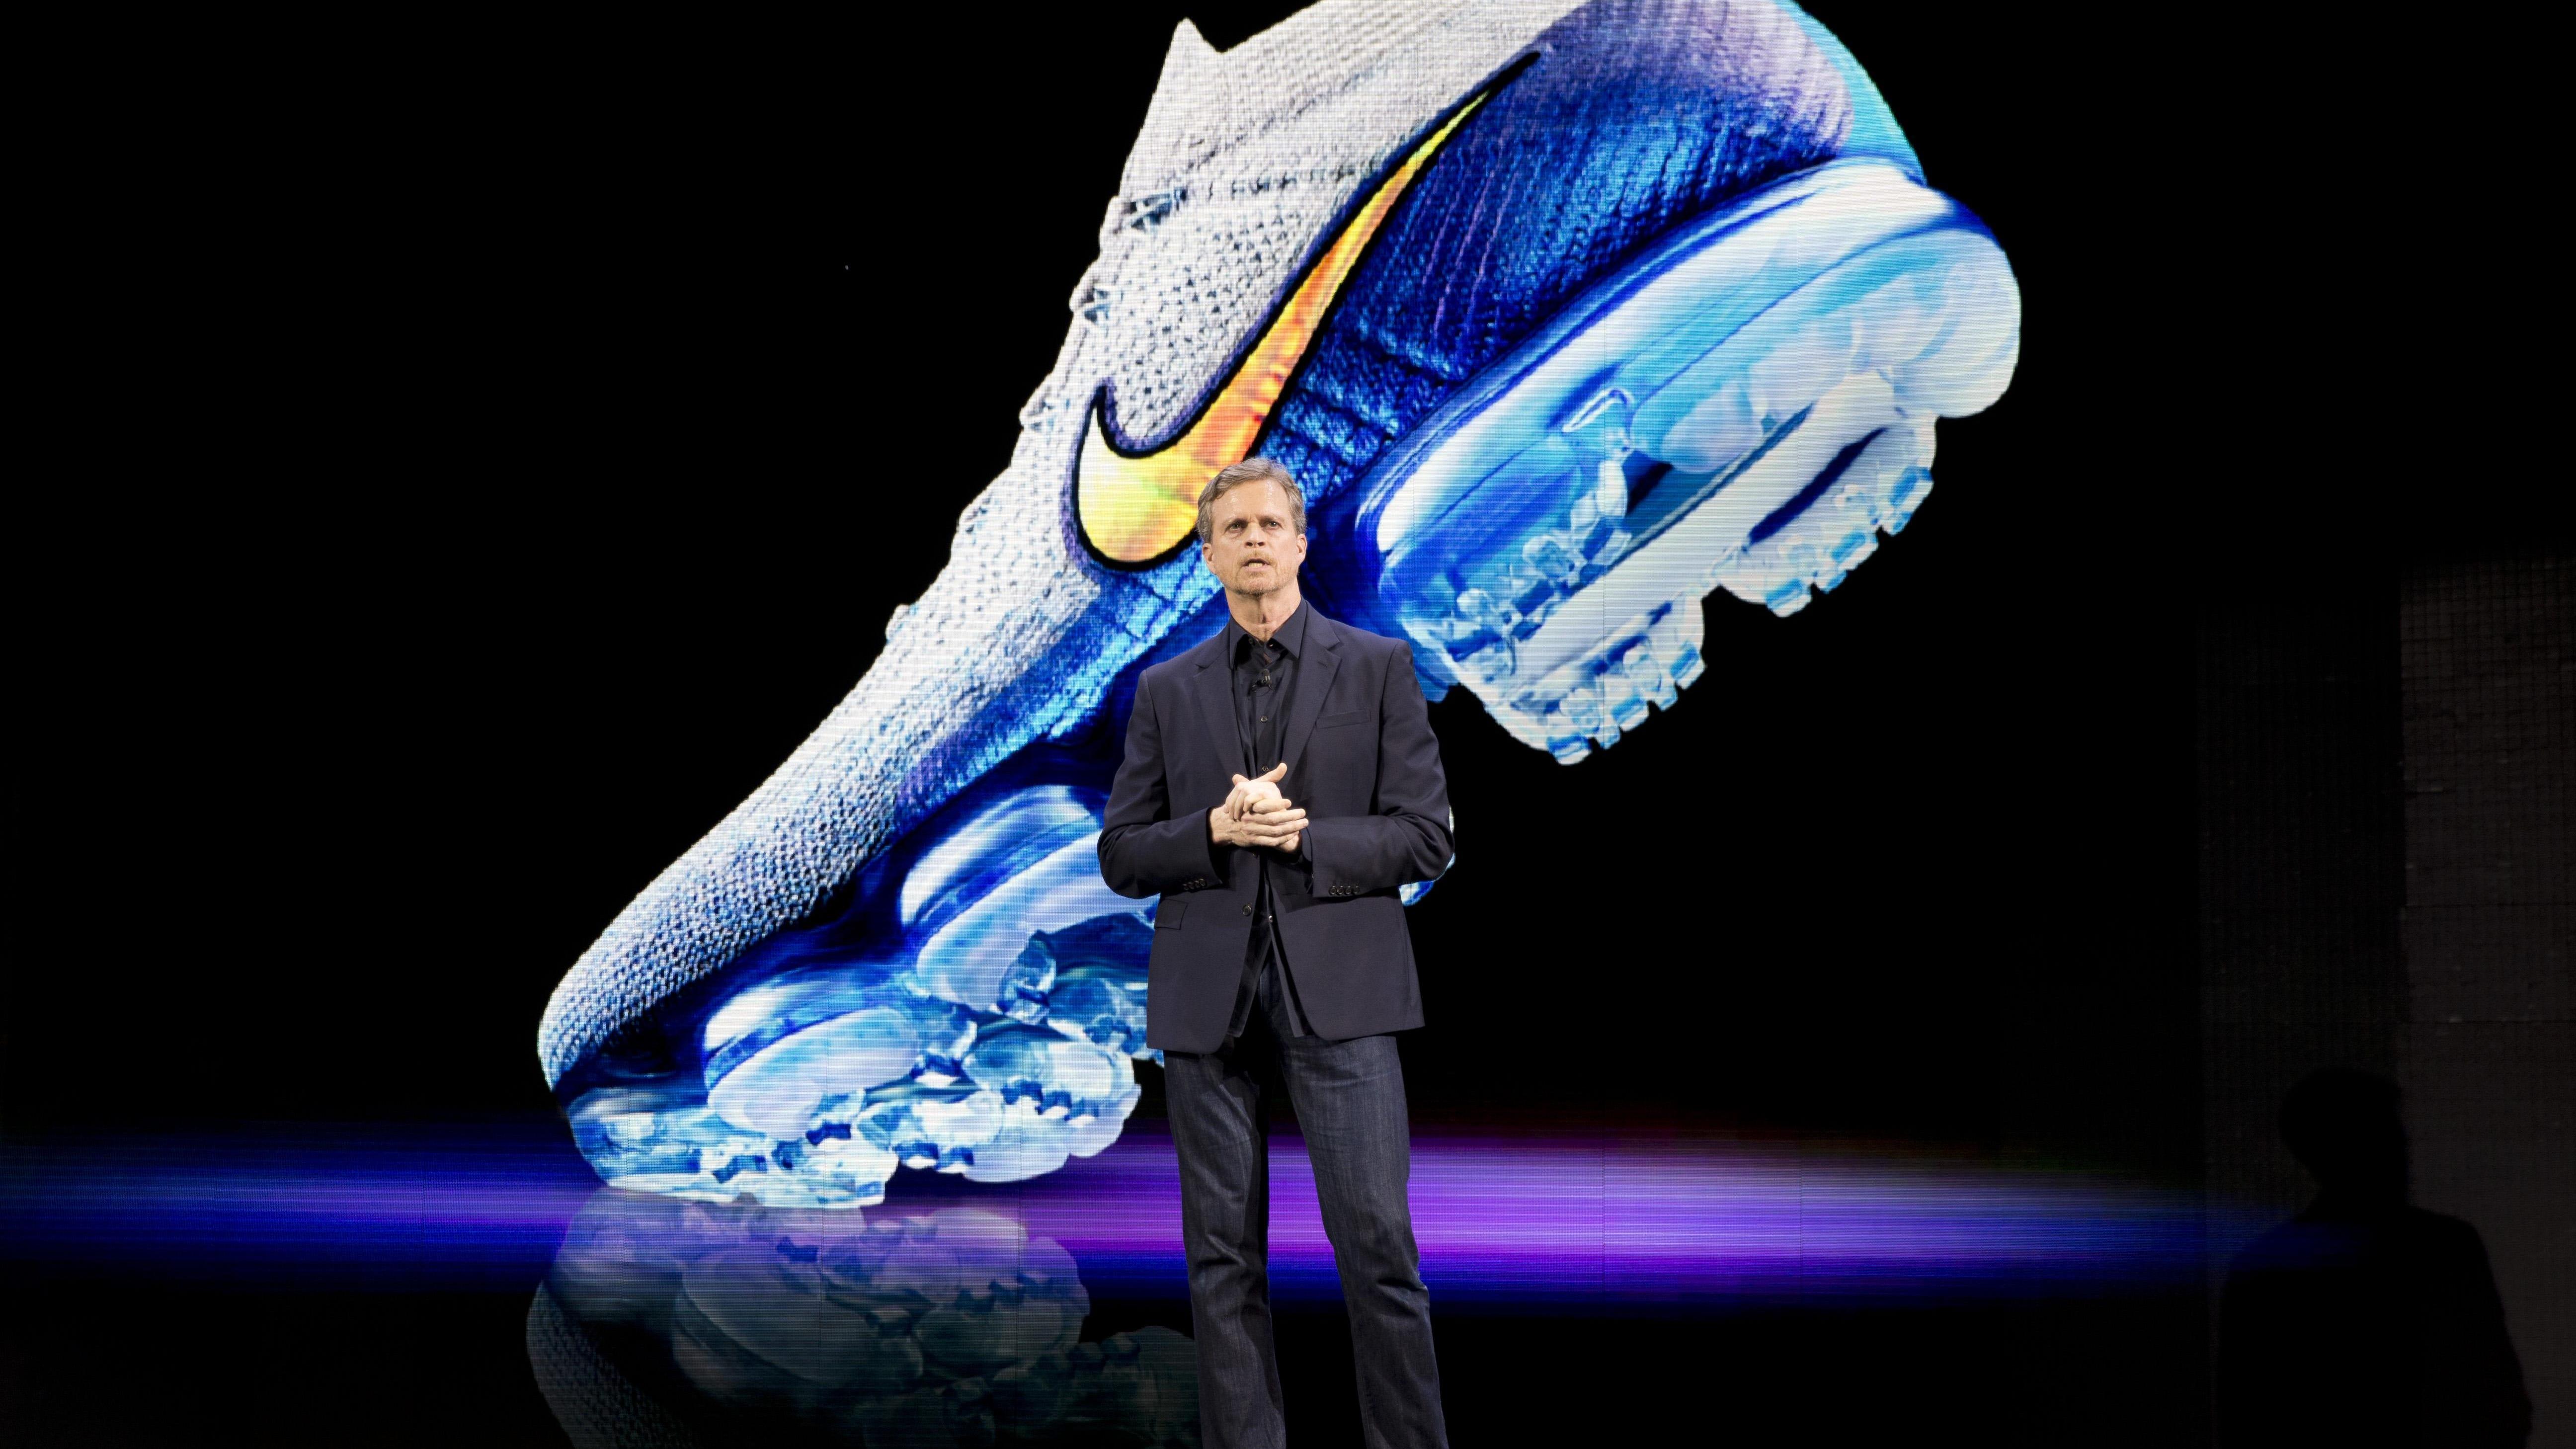 Nike HyperAdapt 1.0 Manifests the Unimaginable Nike News